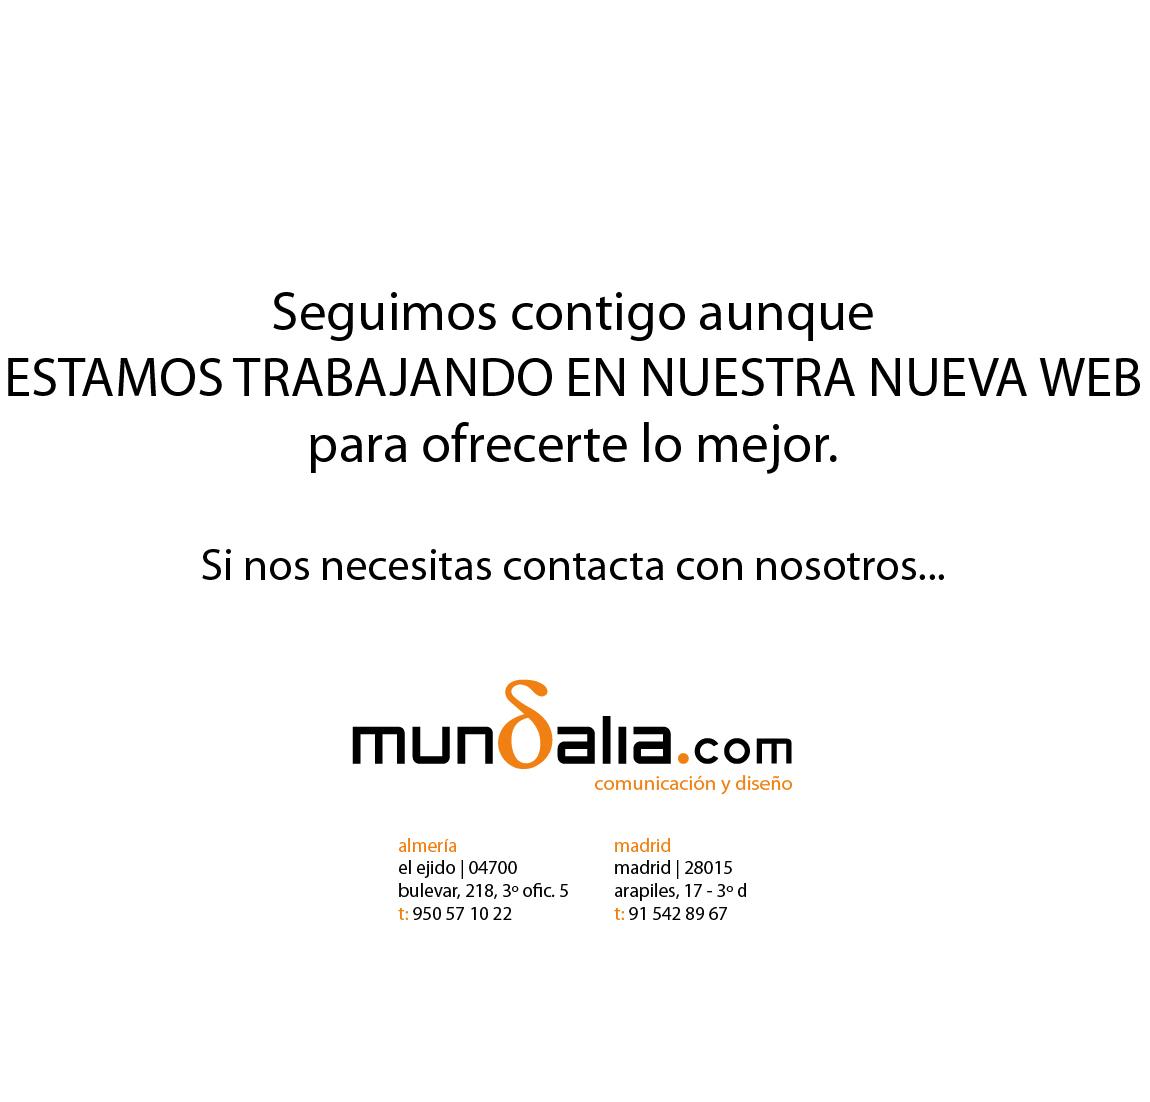 Mundalia